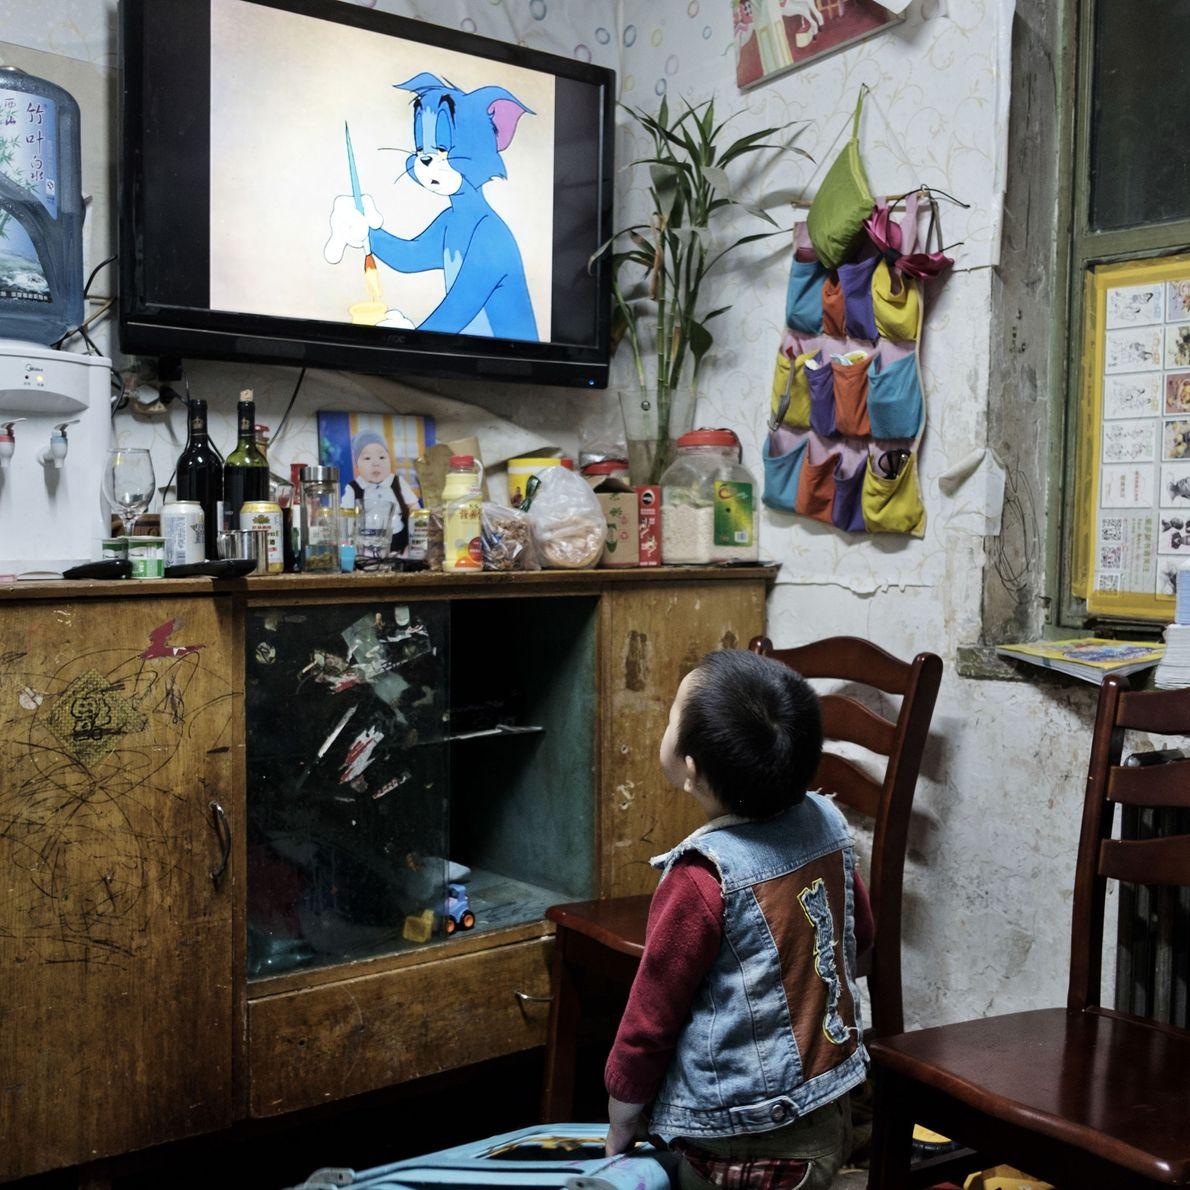 Zé Liu, 3 anos, vive neste abrigo atômico com seu pai, que transformou parte do abrigo ...